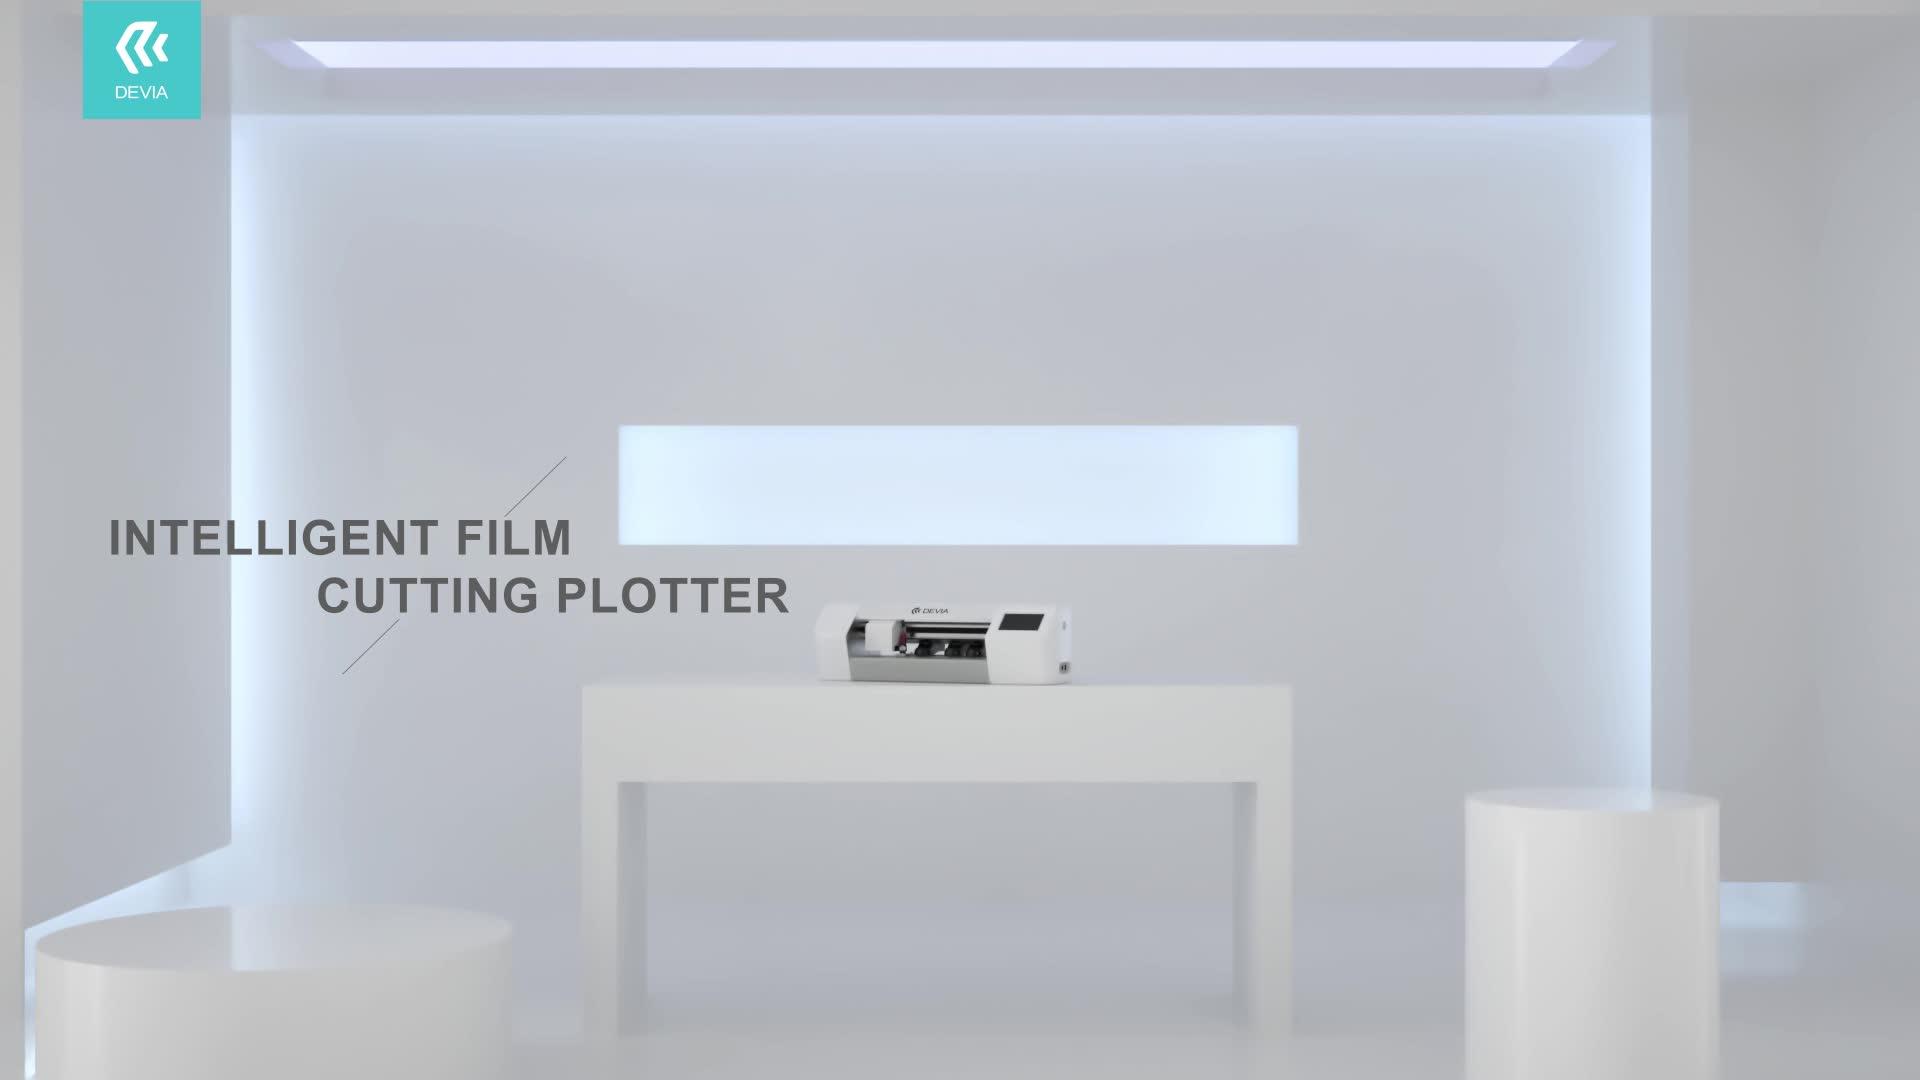 Devia plotter protector de pantalla portátil de negocios para máquina de corte automático de película